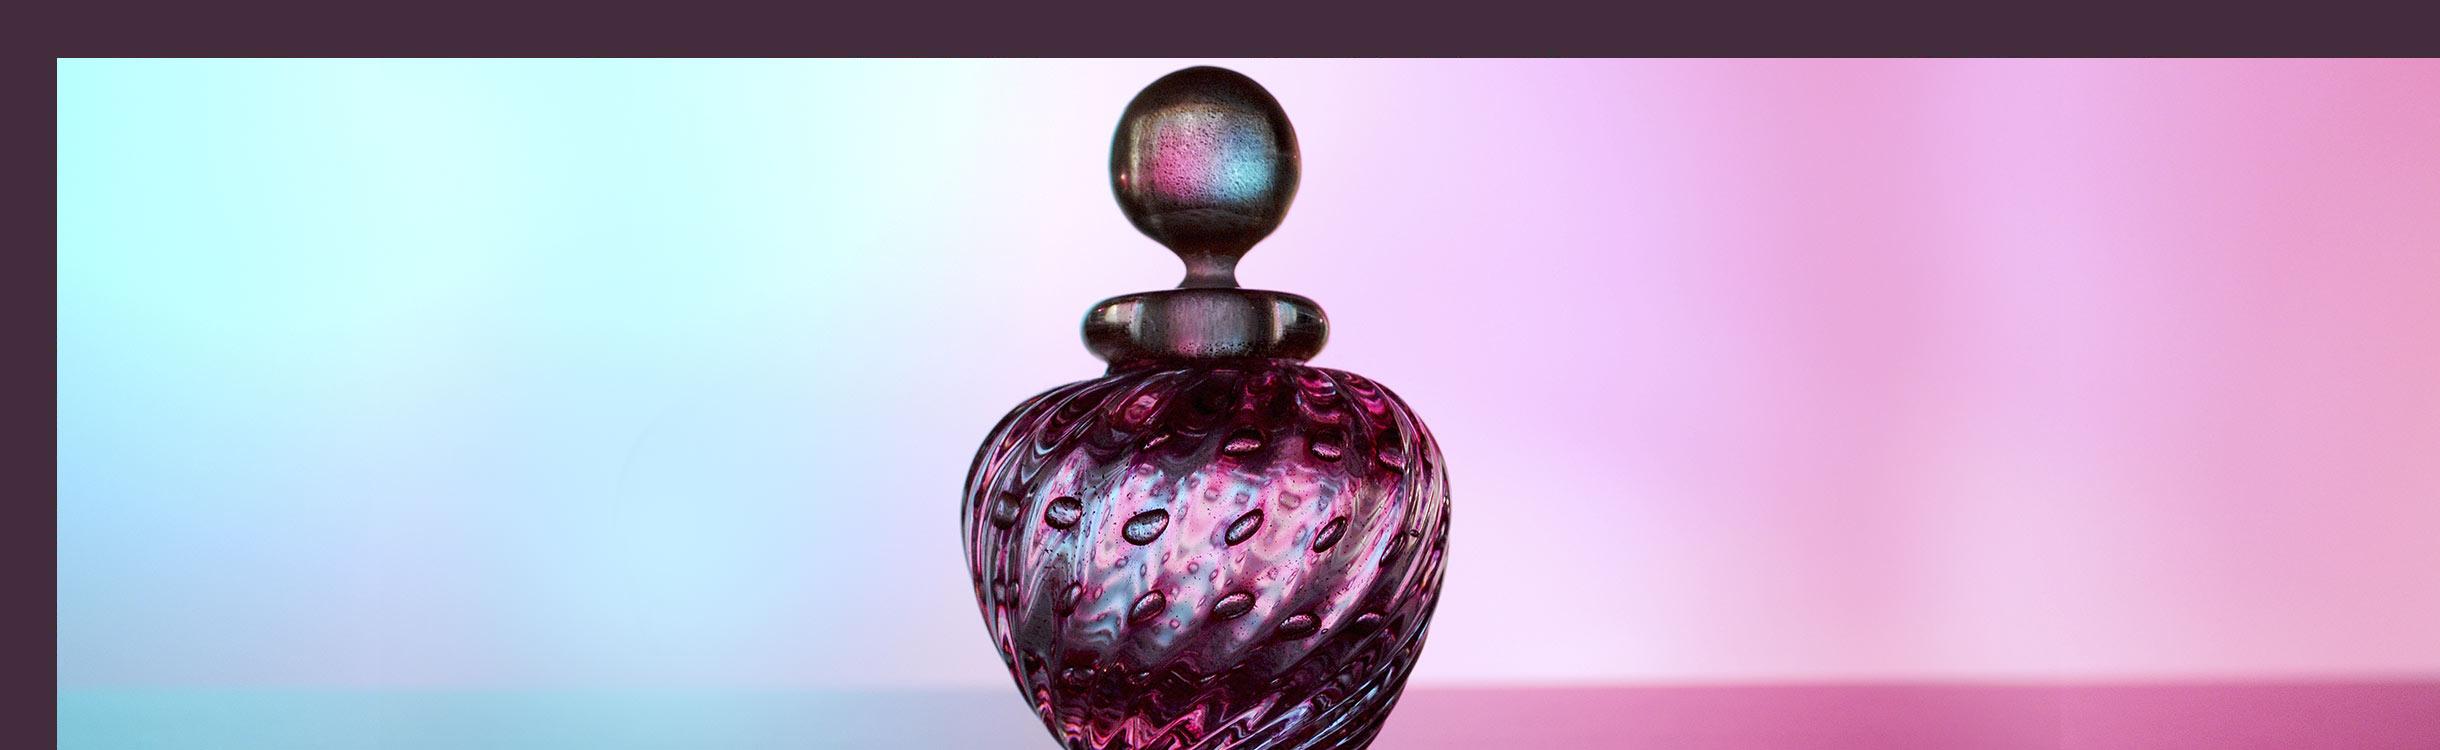 Perfumes Eau de Toilette